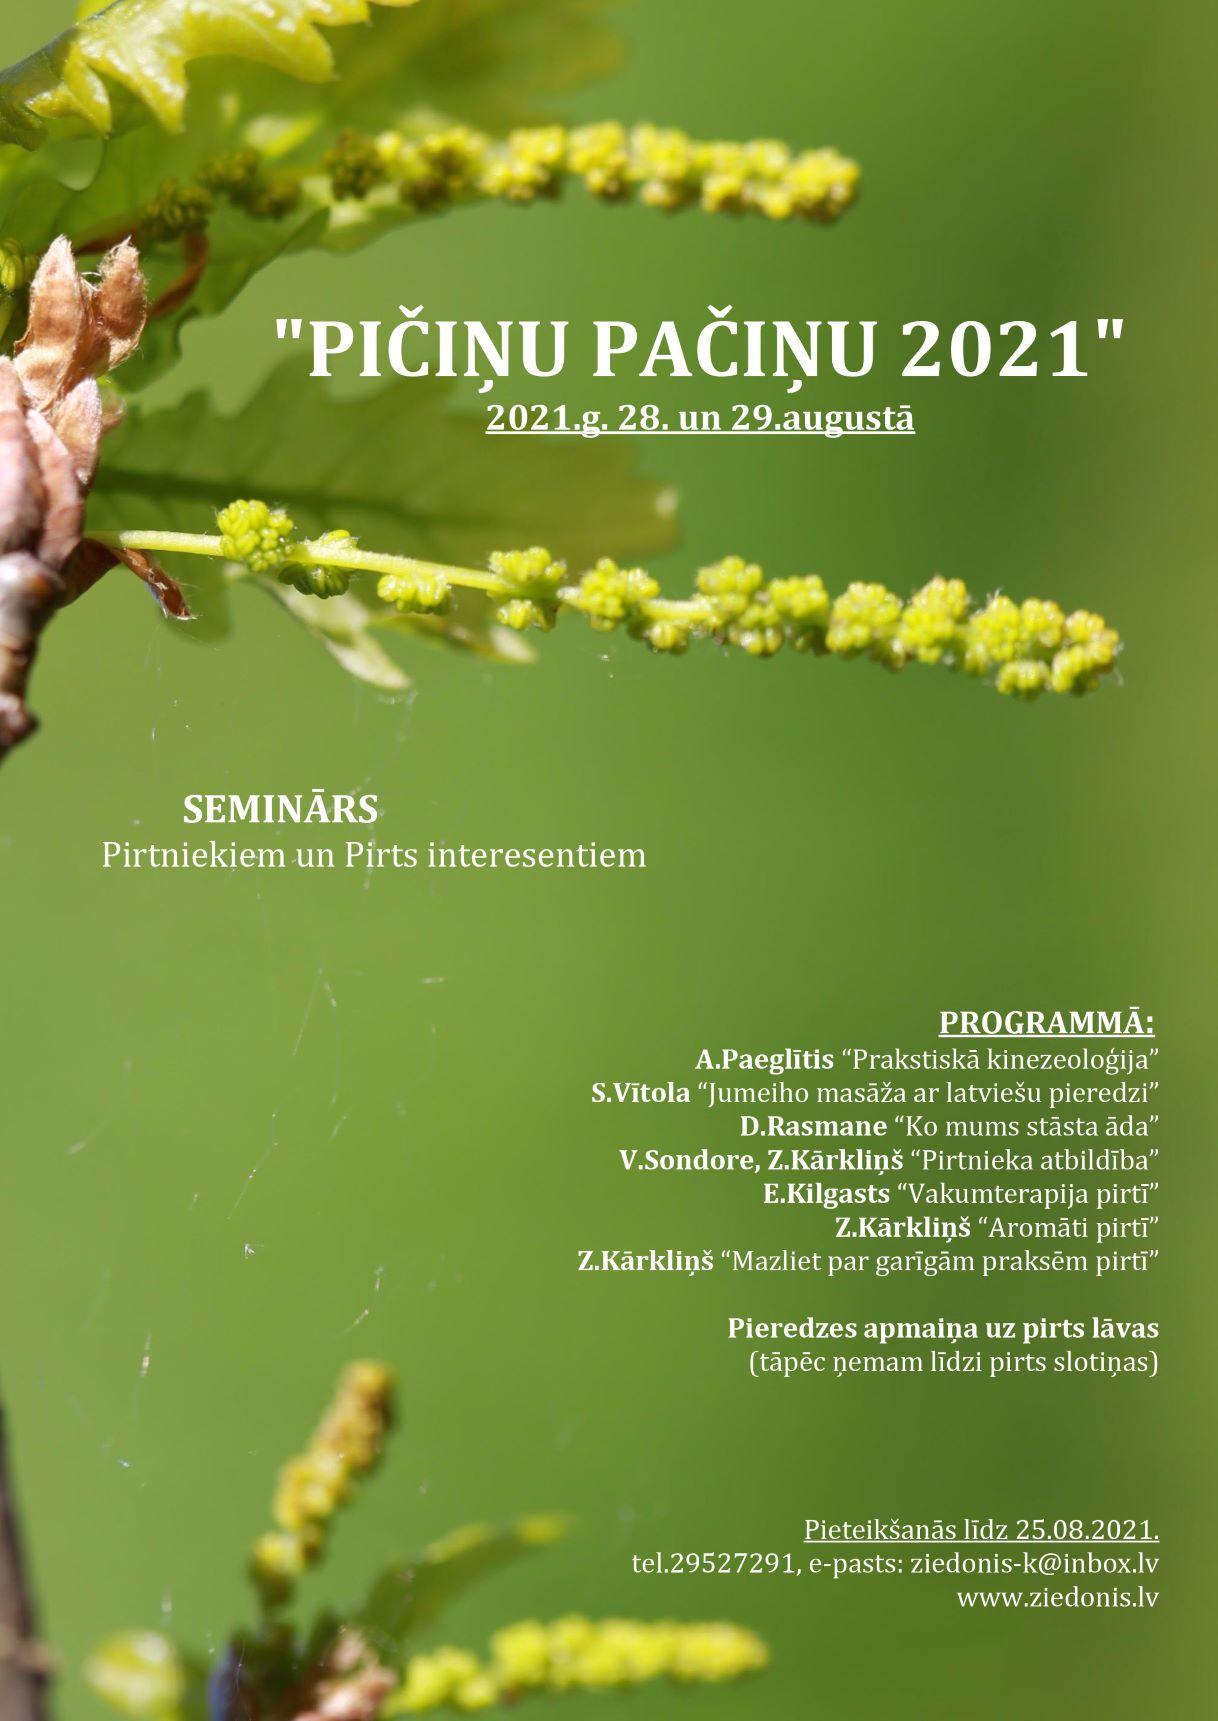 PicinuPacinu2021_jpgsamaz